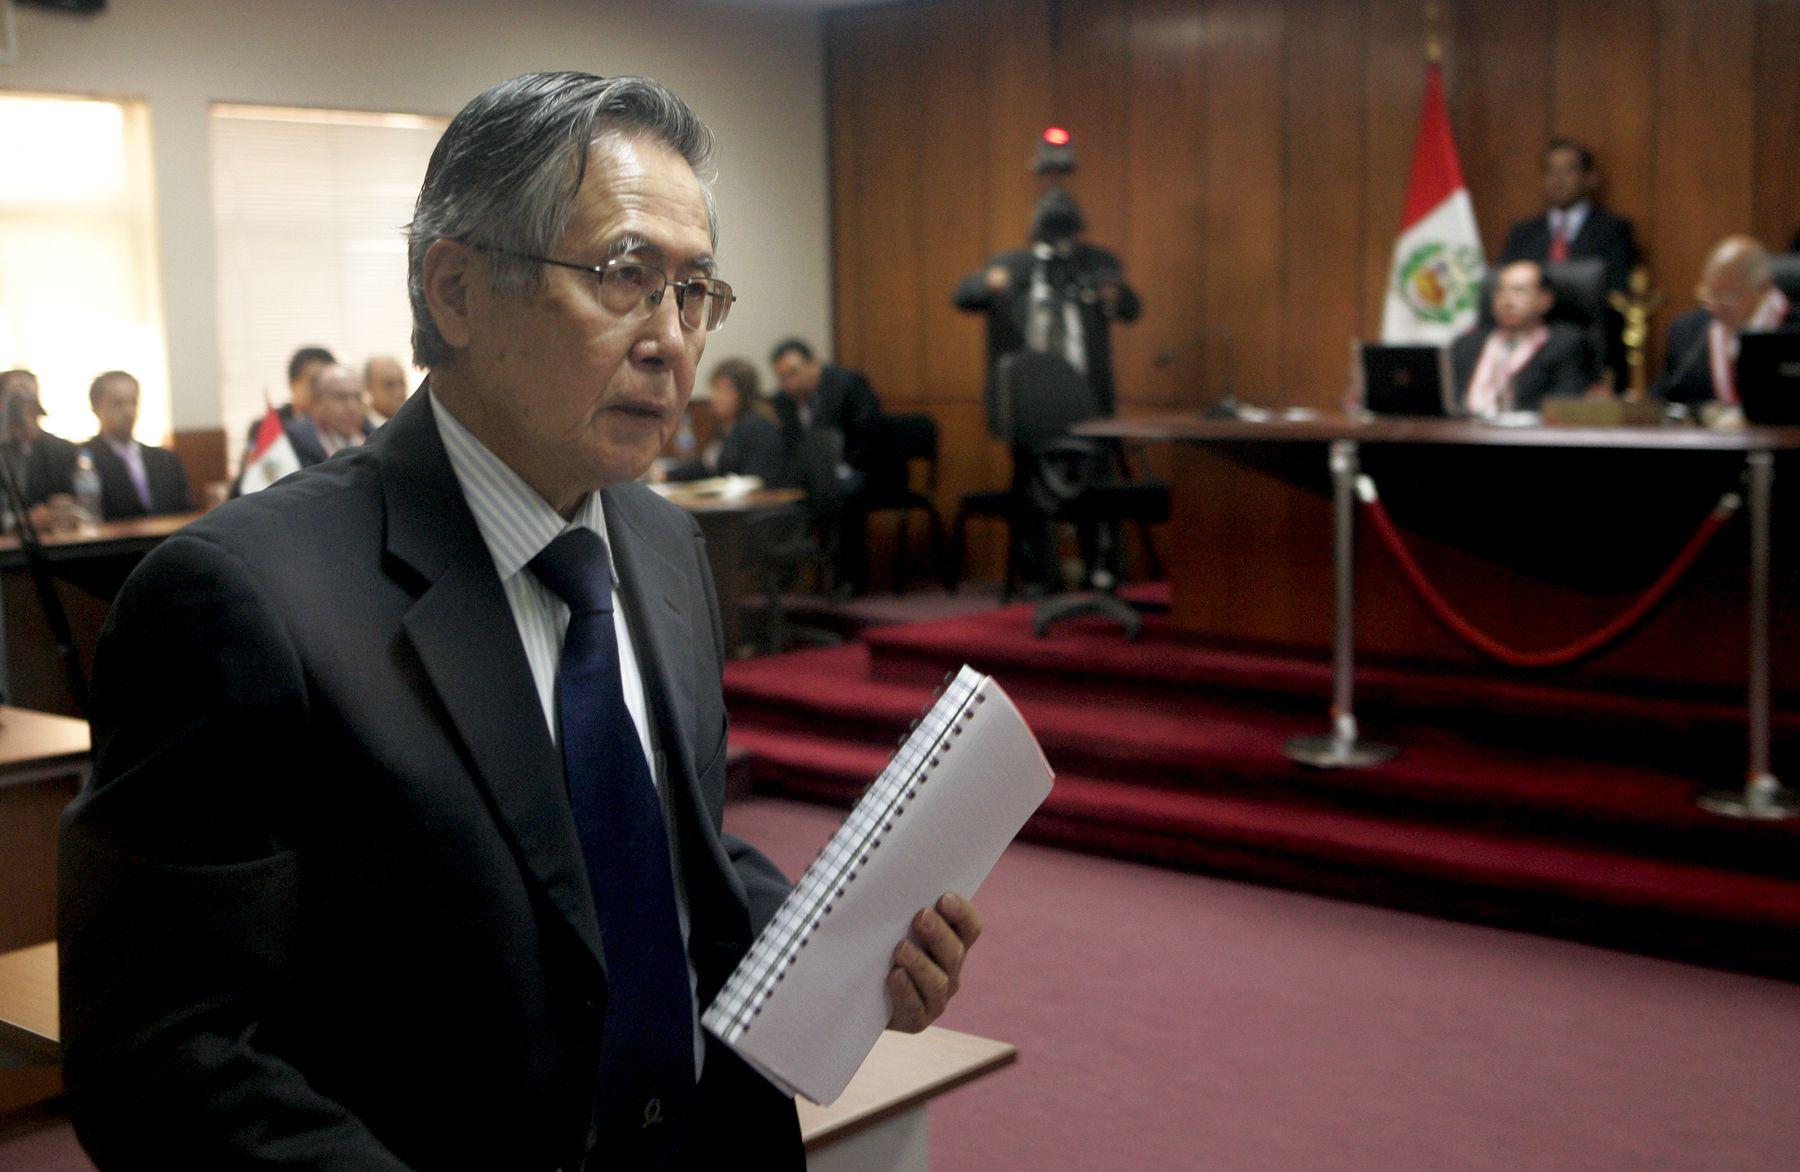 El ex presidente Alberto Fujimori al culminar la lectura de la sentencia de 25 años que le impuso la Corte Suprema de Justicia. Foto: ANDINA/Rafael Cornejo.